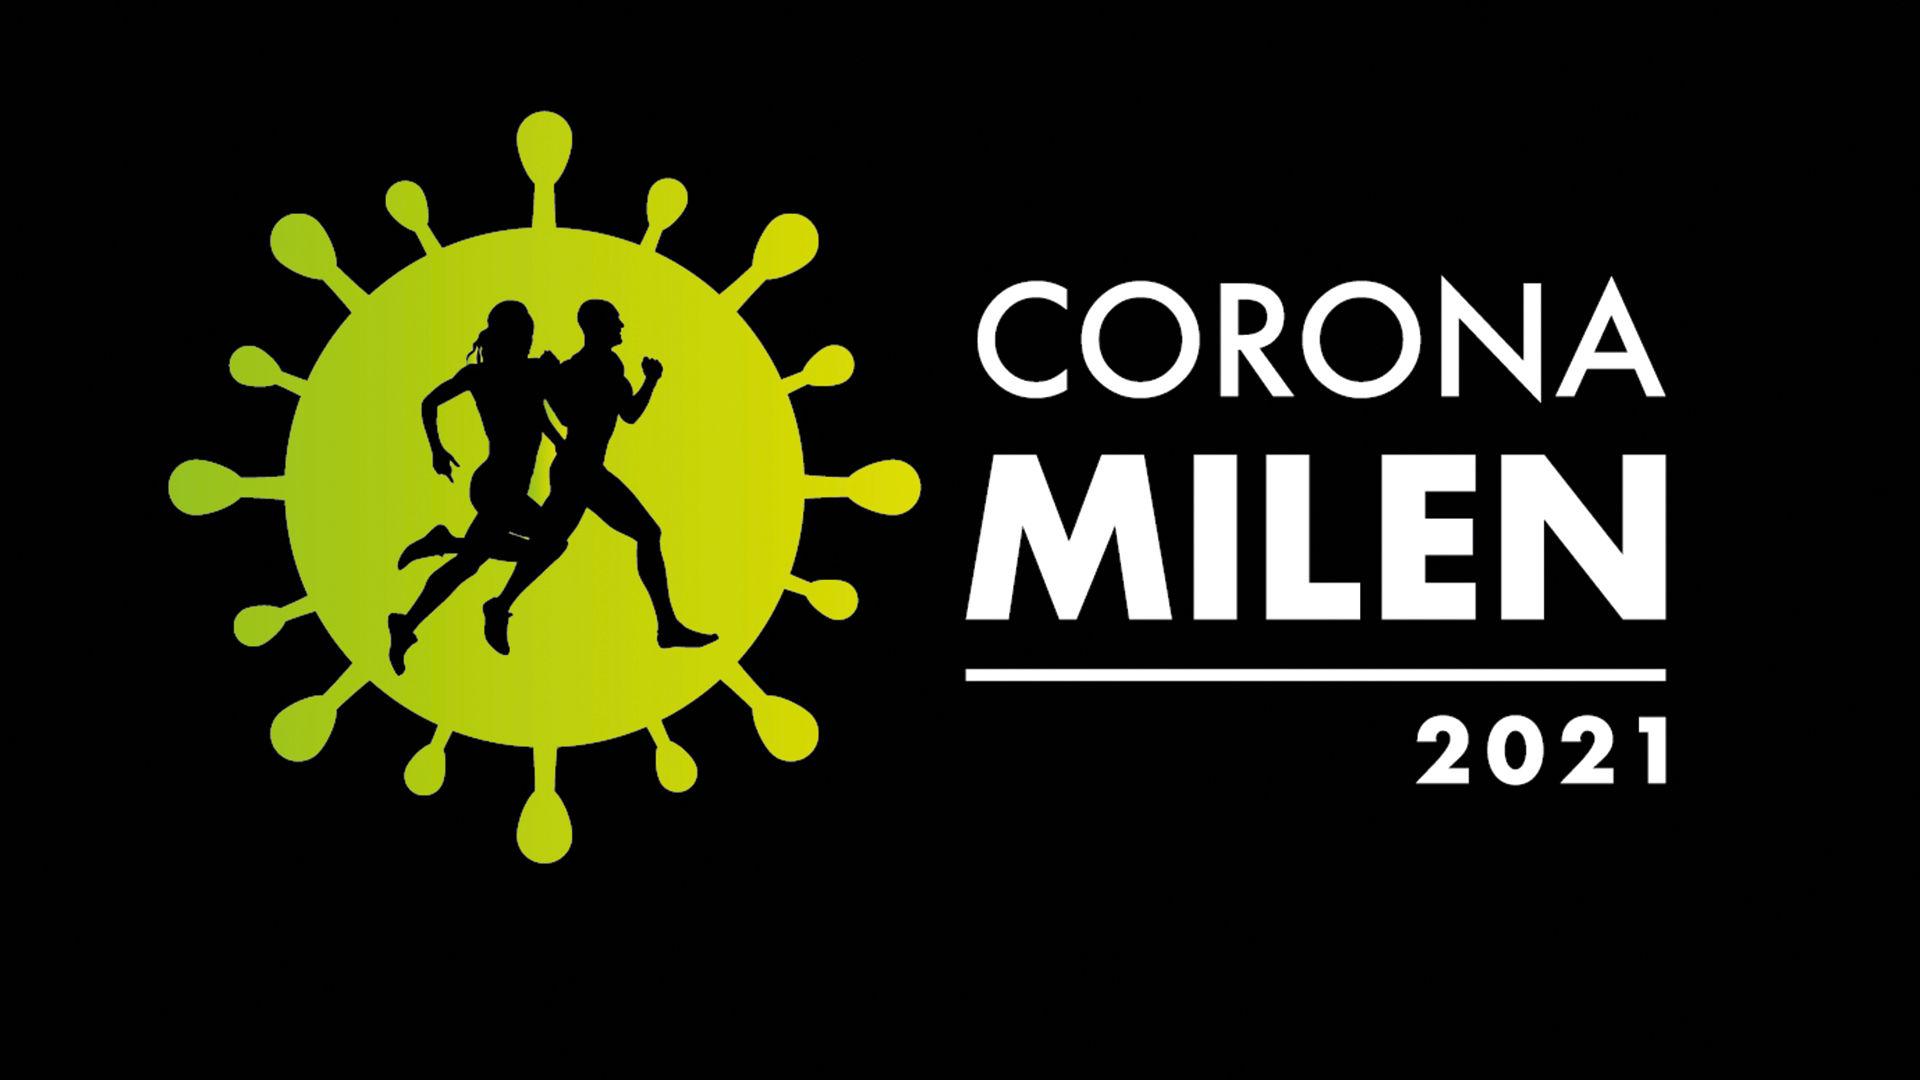 Coronamilen 2021